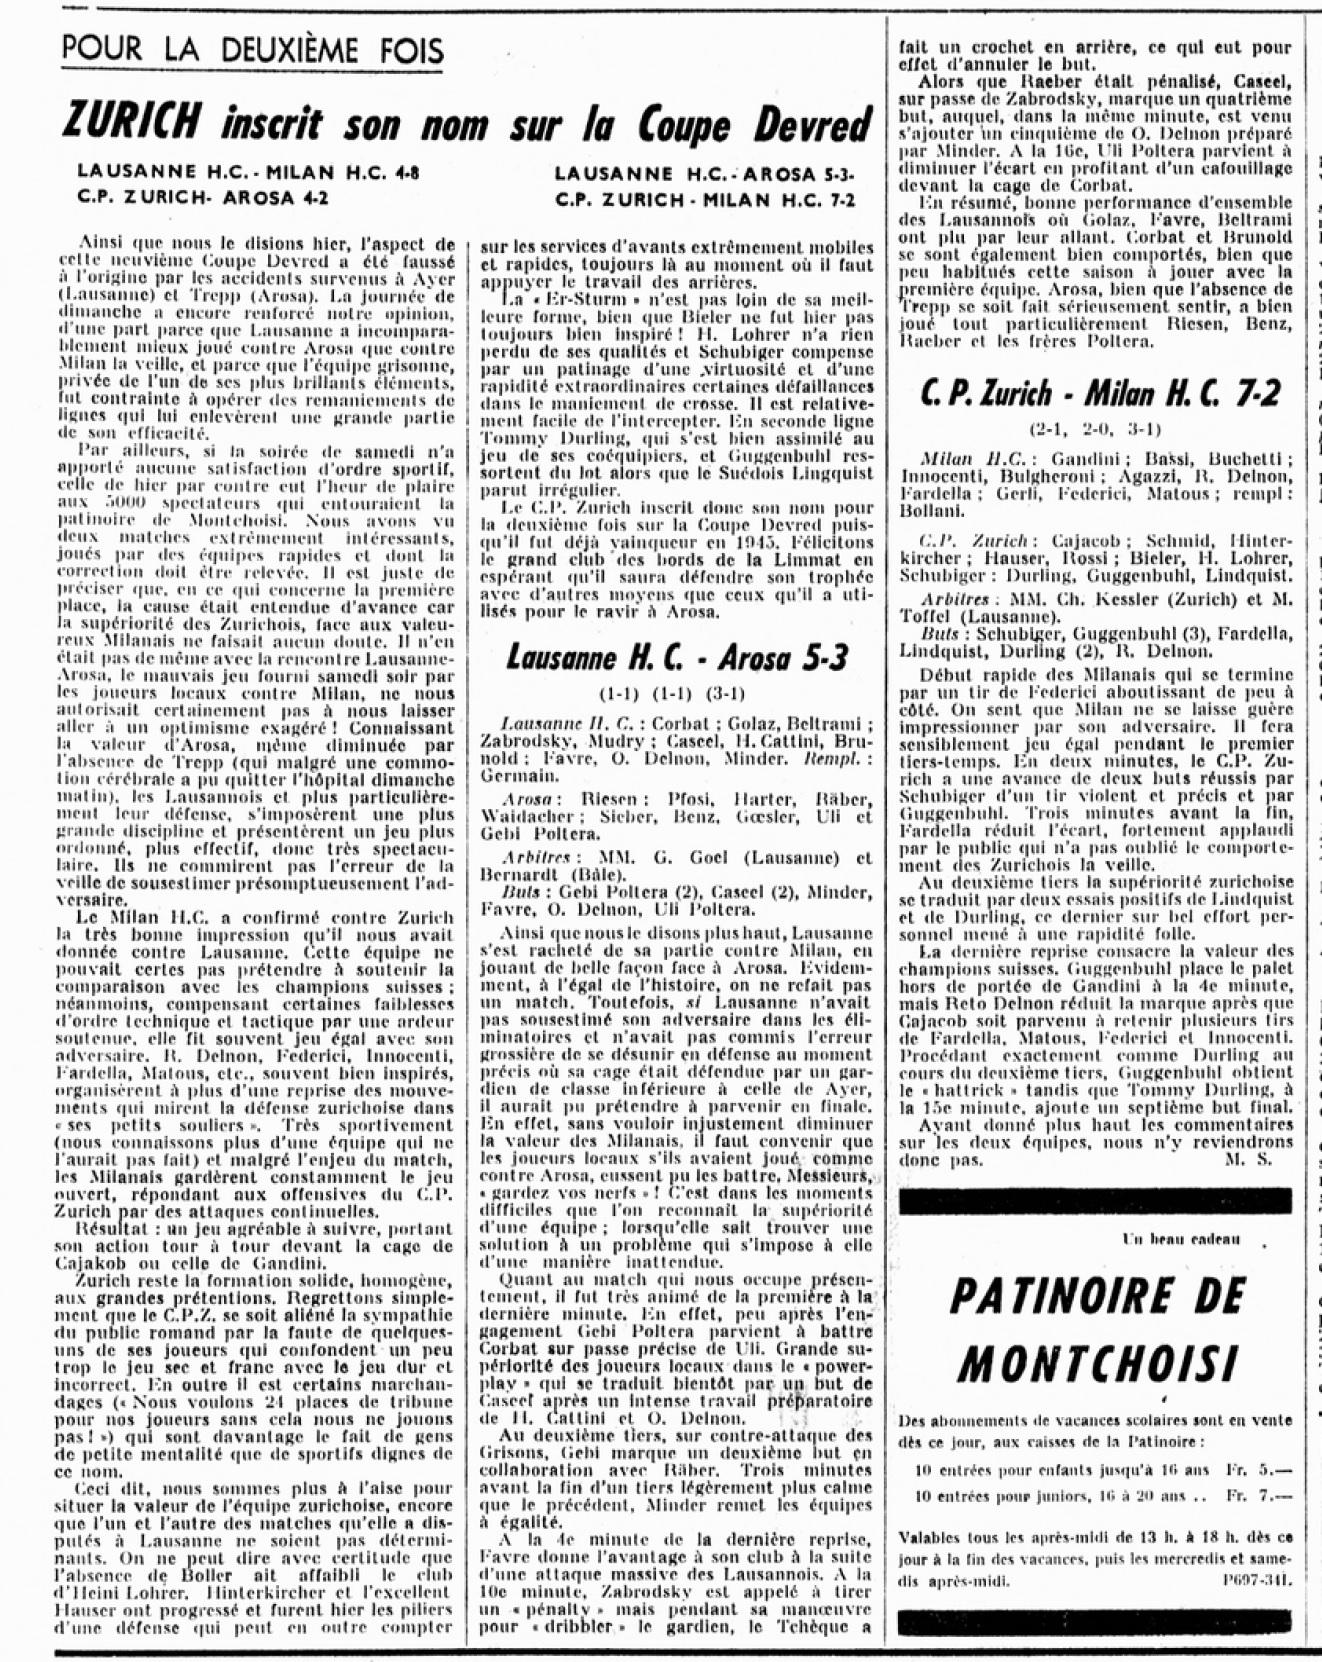 19.12.1949.jpg++4.jpg